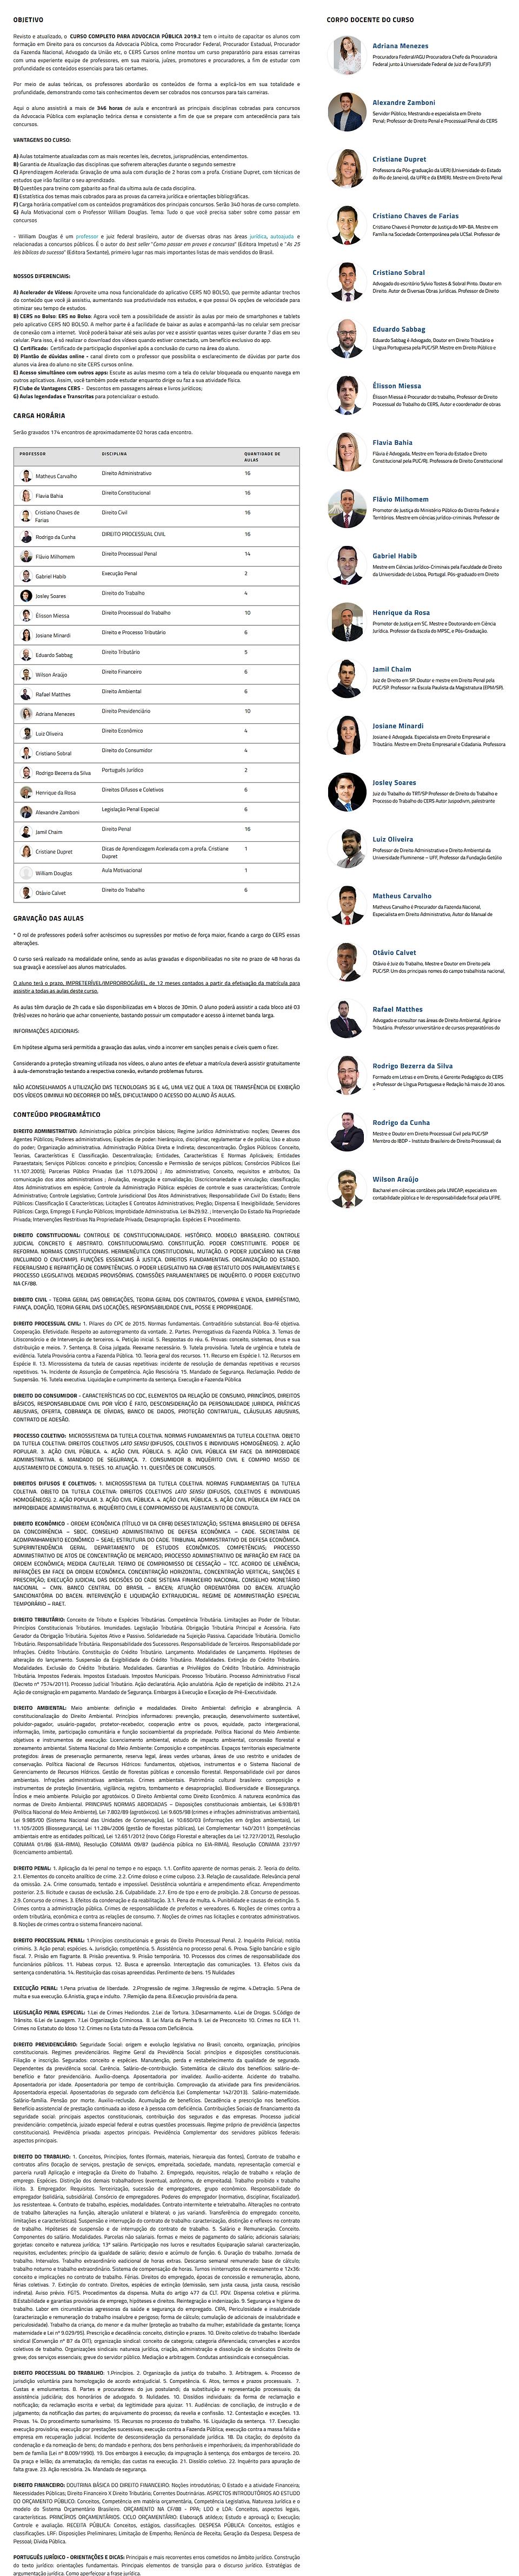 Advocacia_Pública_(Procuradorias)_CS.png